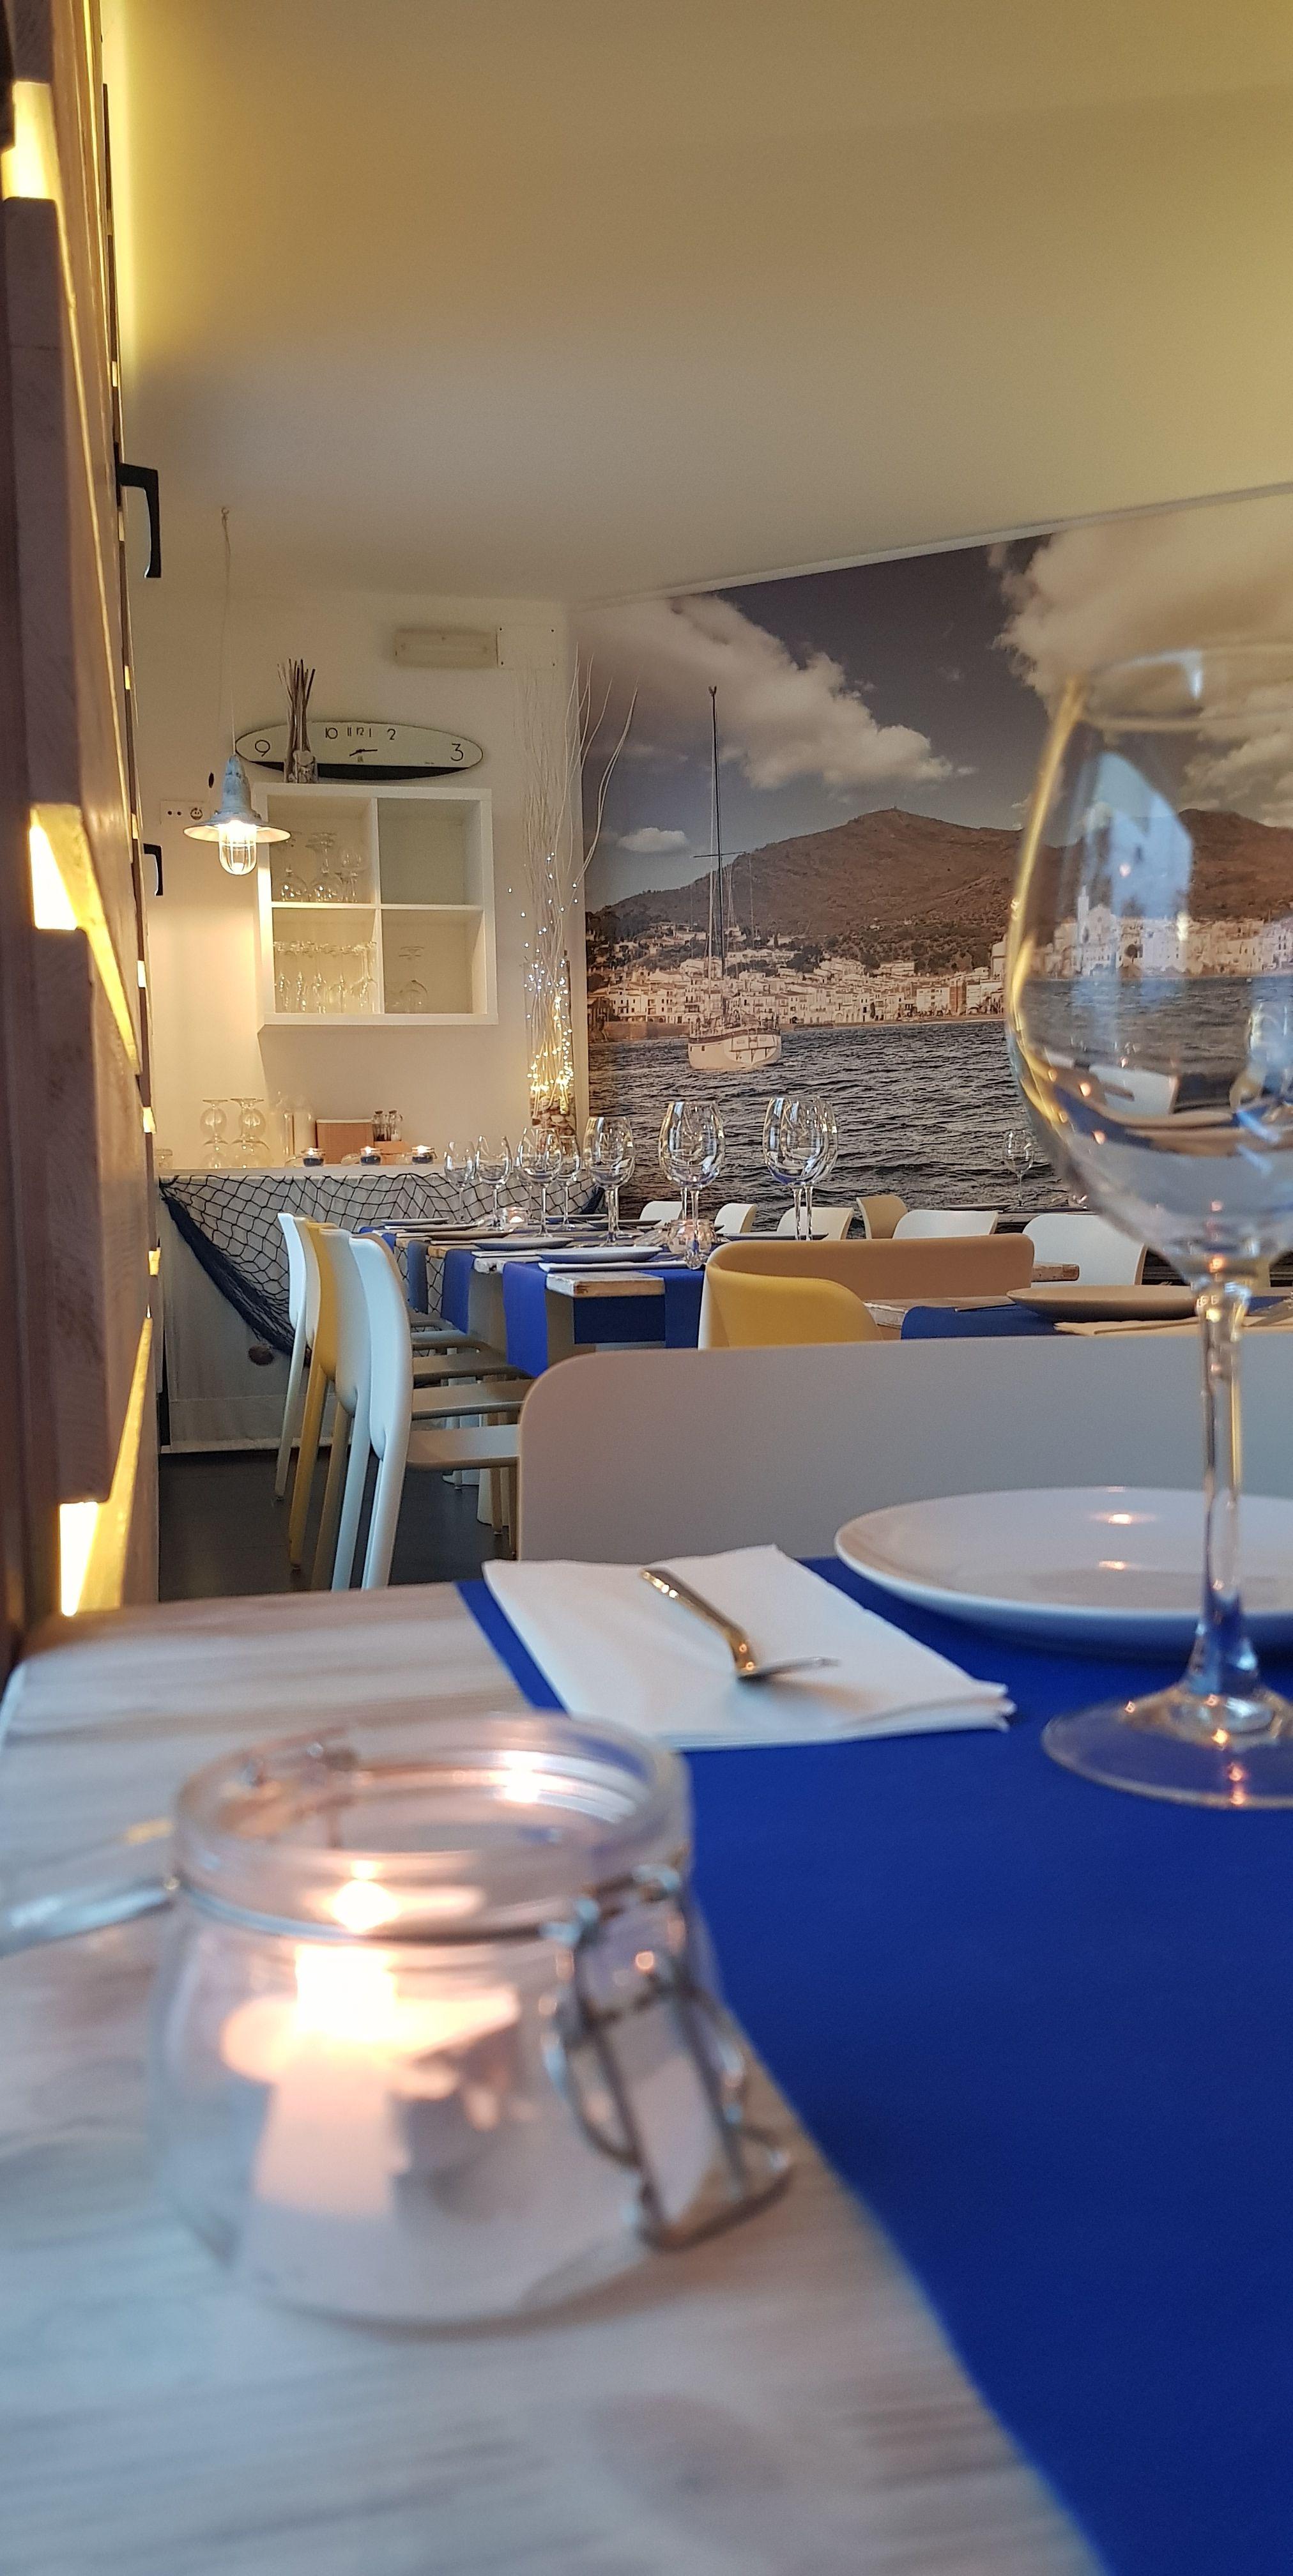 Restaurante arrocería en Cadaqués